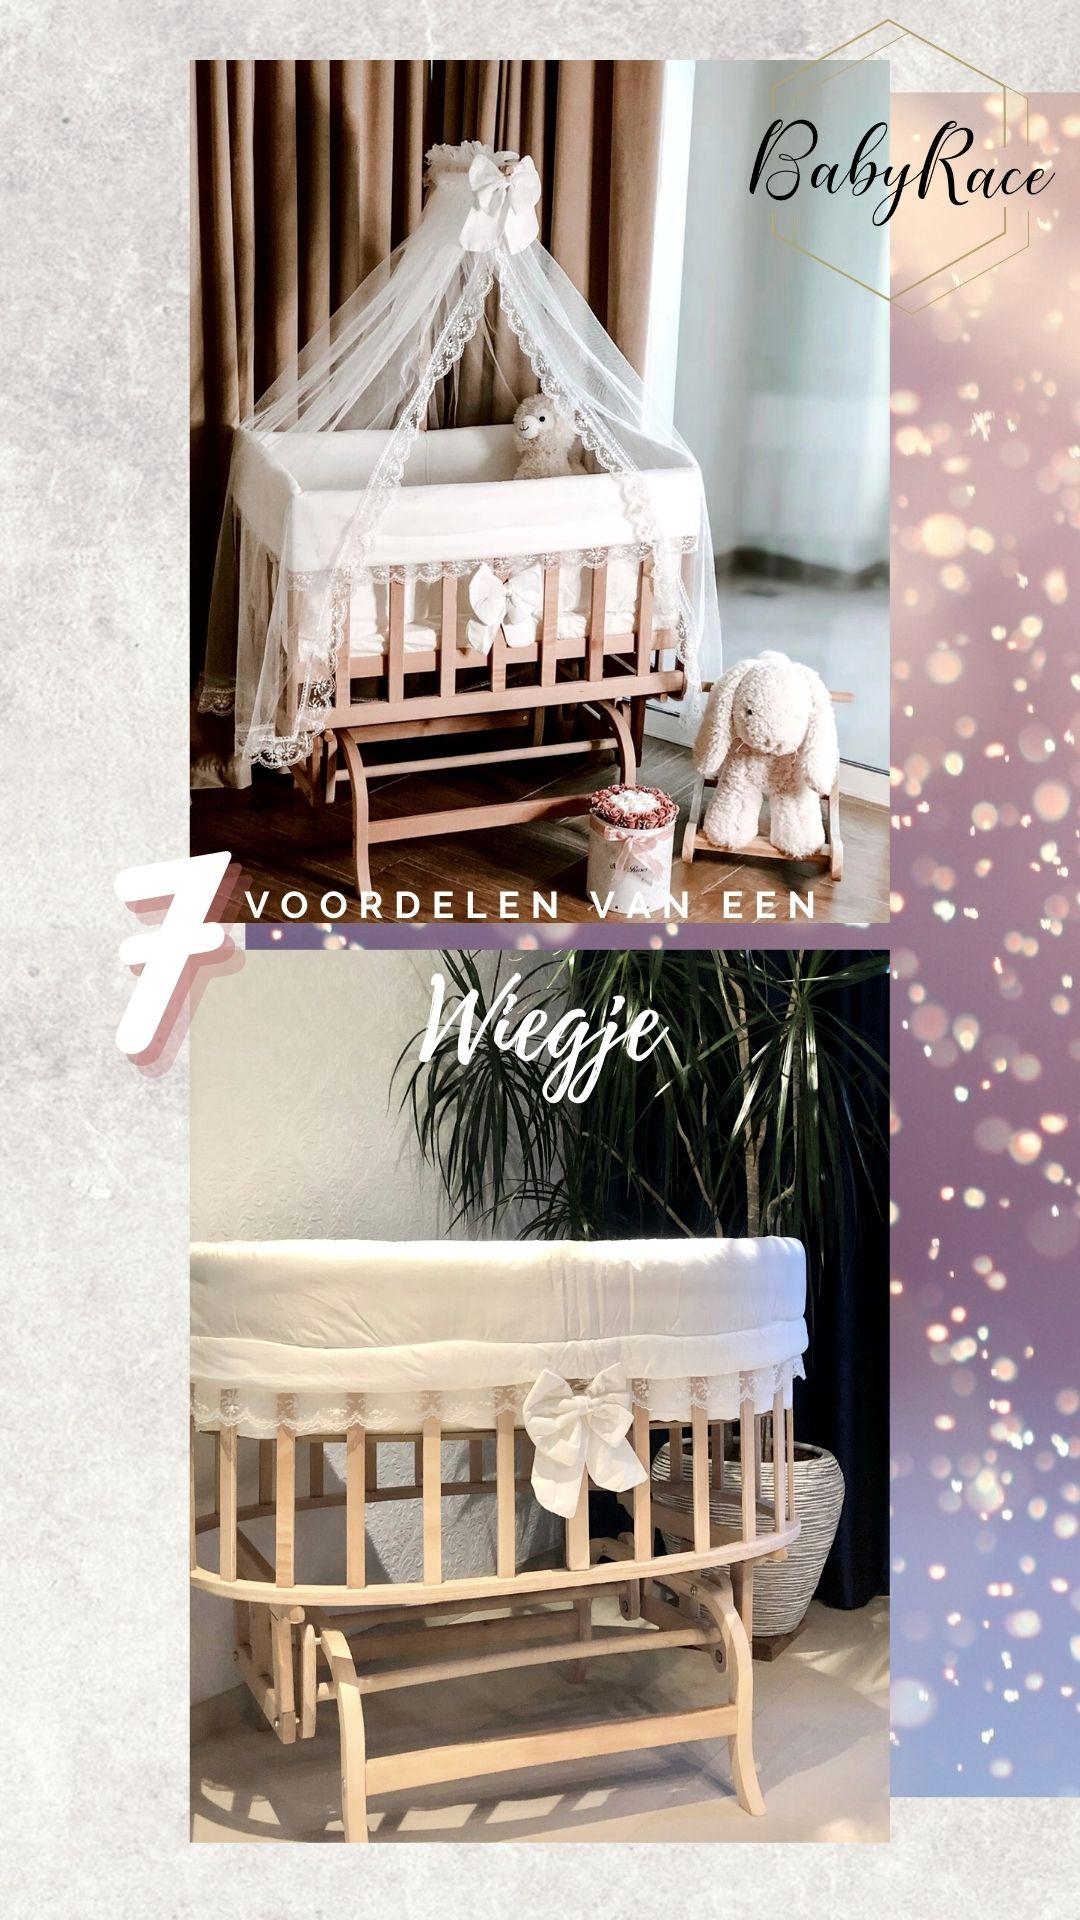 voordelen van een wiegje - blog BabyRace